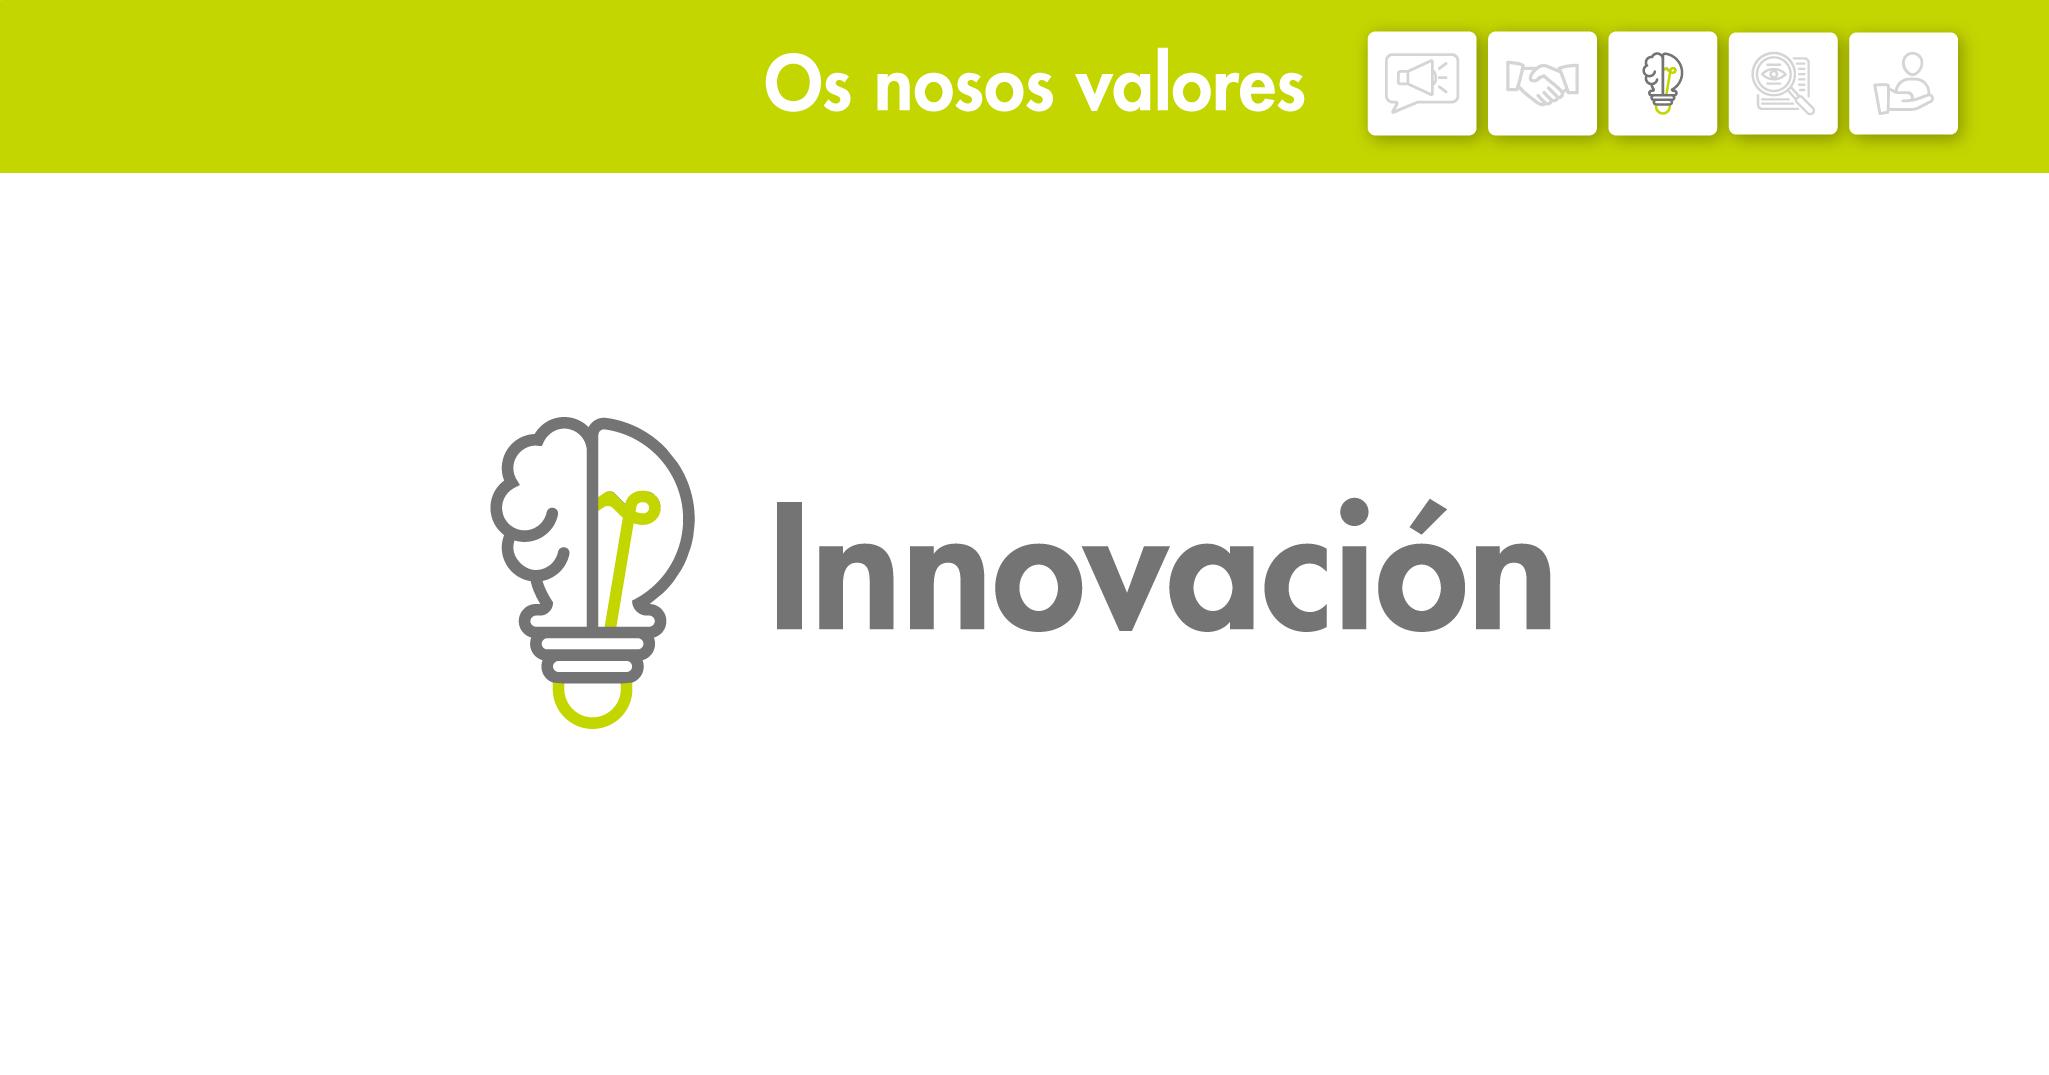 Os nosos valores: innovación